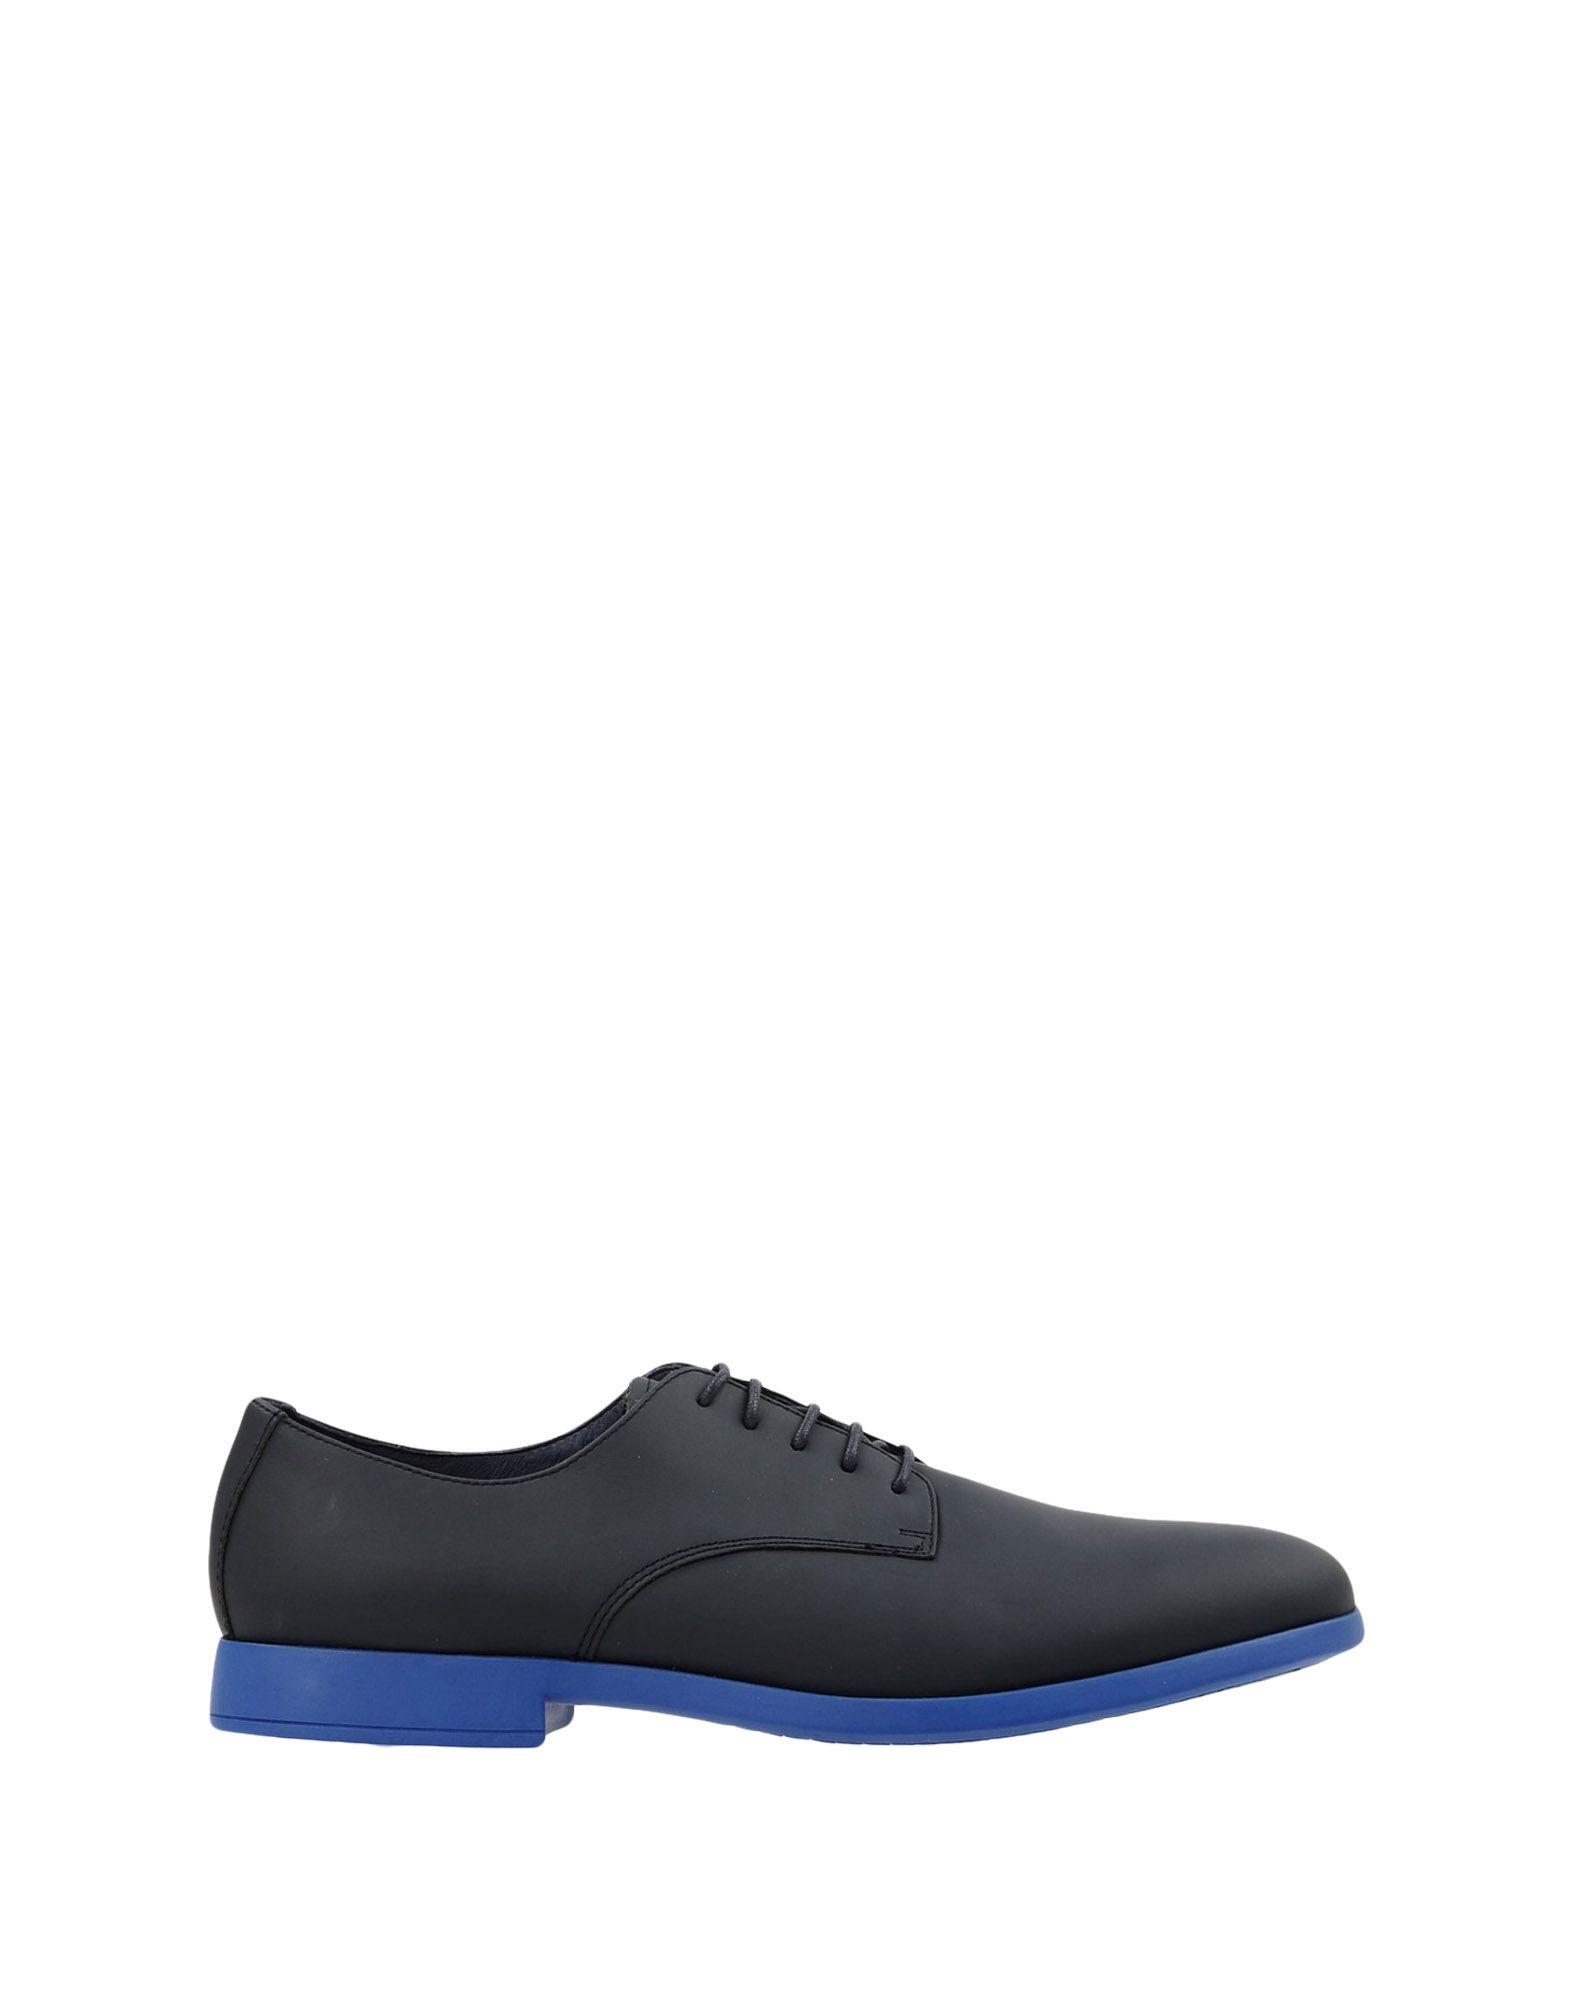 Rabatt echte Schuhe Schuhe echte Camper Truman  11432928QL 5b787e